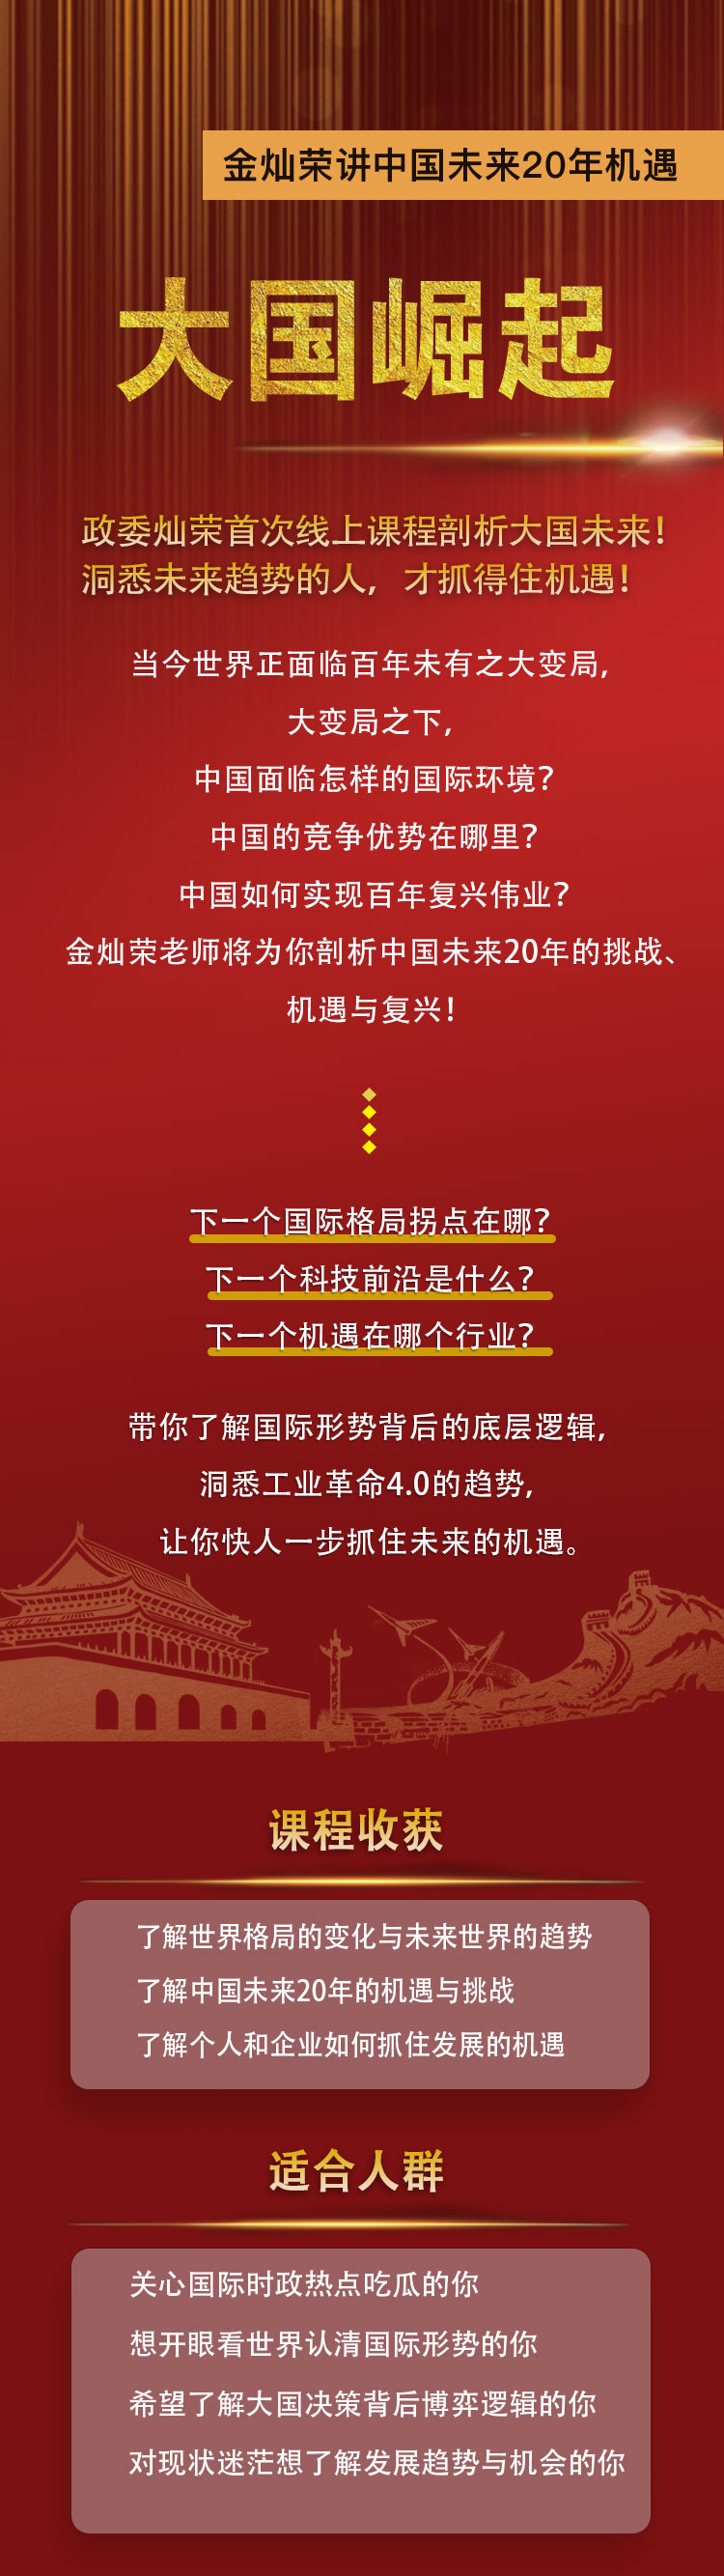 音频-喜马拉雅(付费)-大国崛起:金灿荣讲未来中国20年机遇